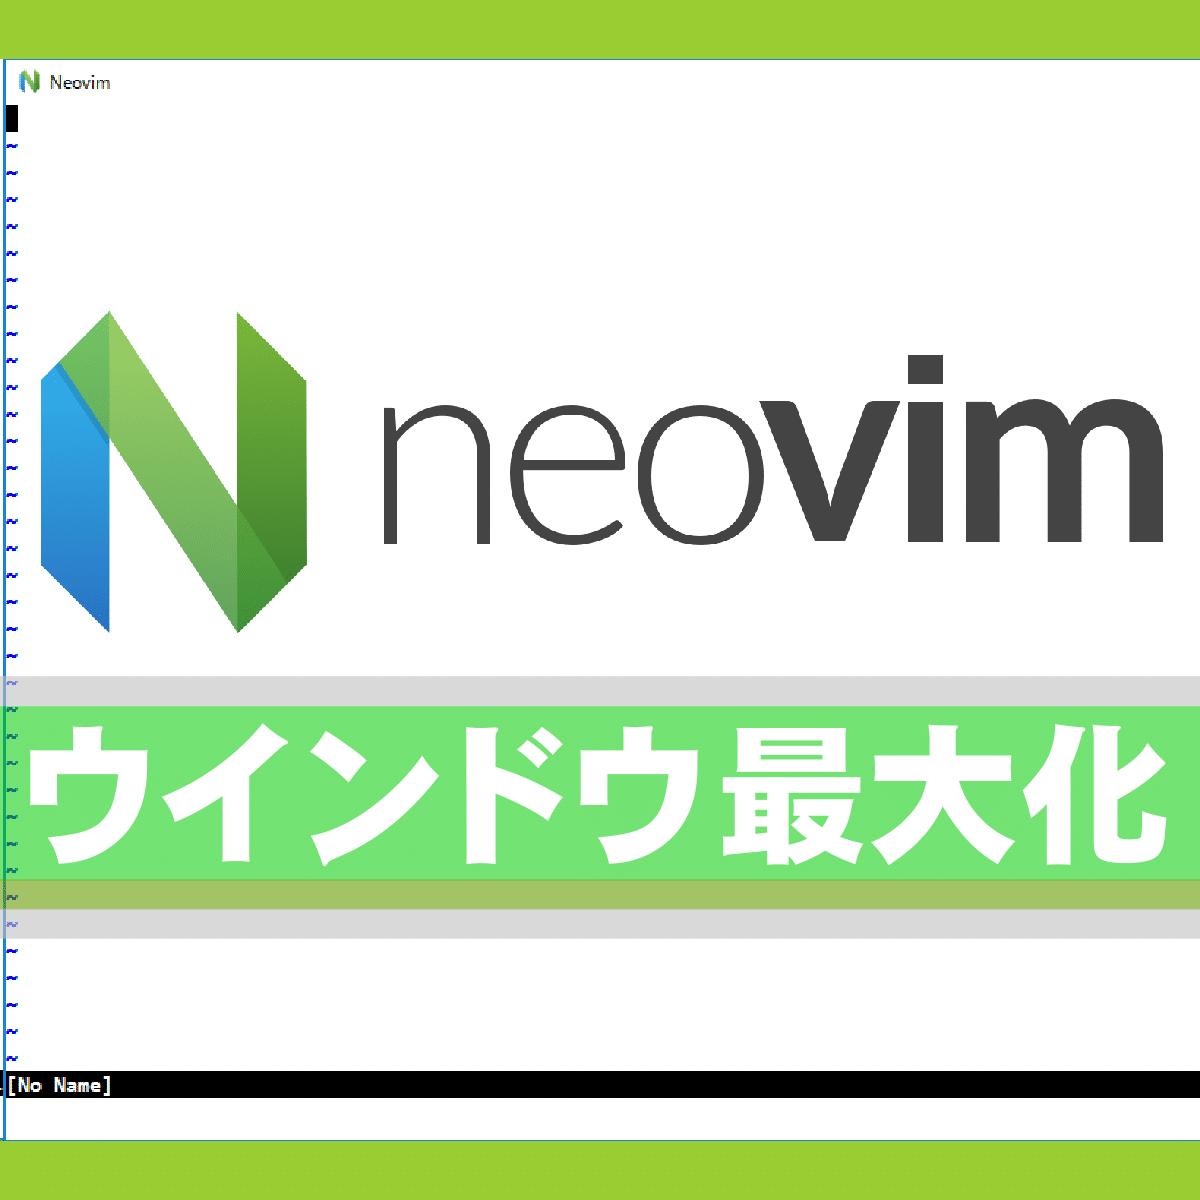 アイキャッチ:Windows 10 で neovim を最大化した状態で起動する方法は?